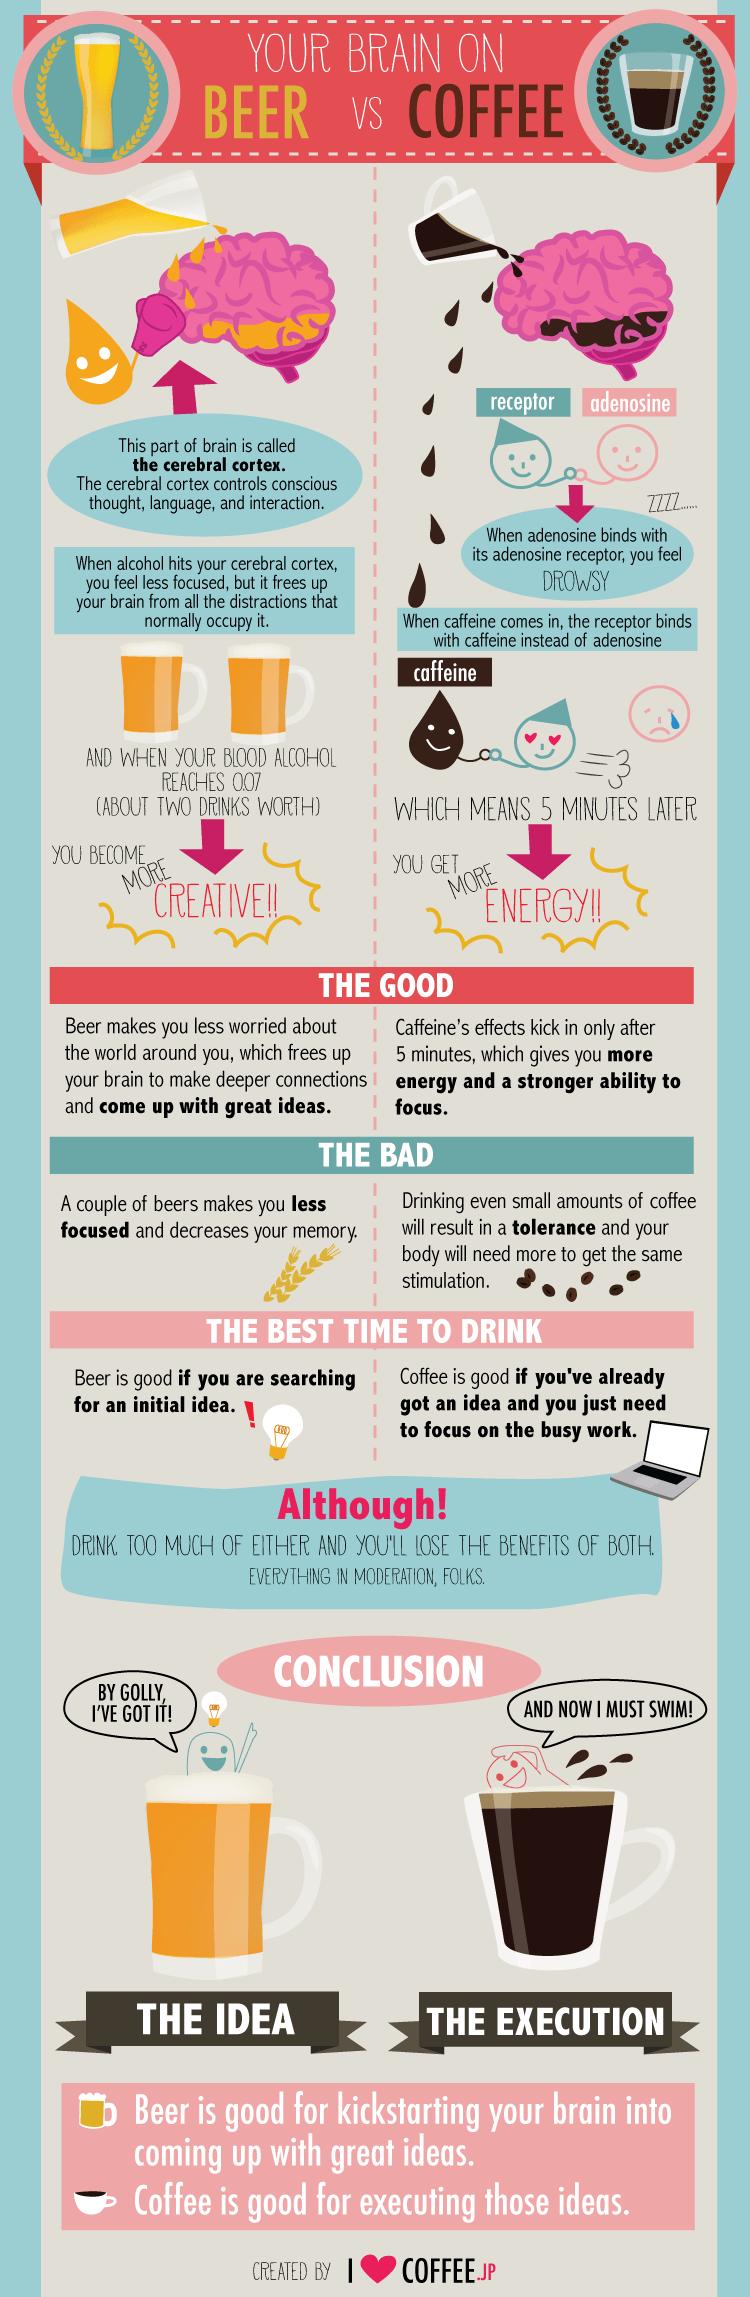 Vamers - Infographics - Your Brain on Beer Versus Coffee